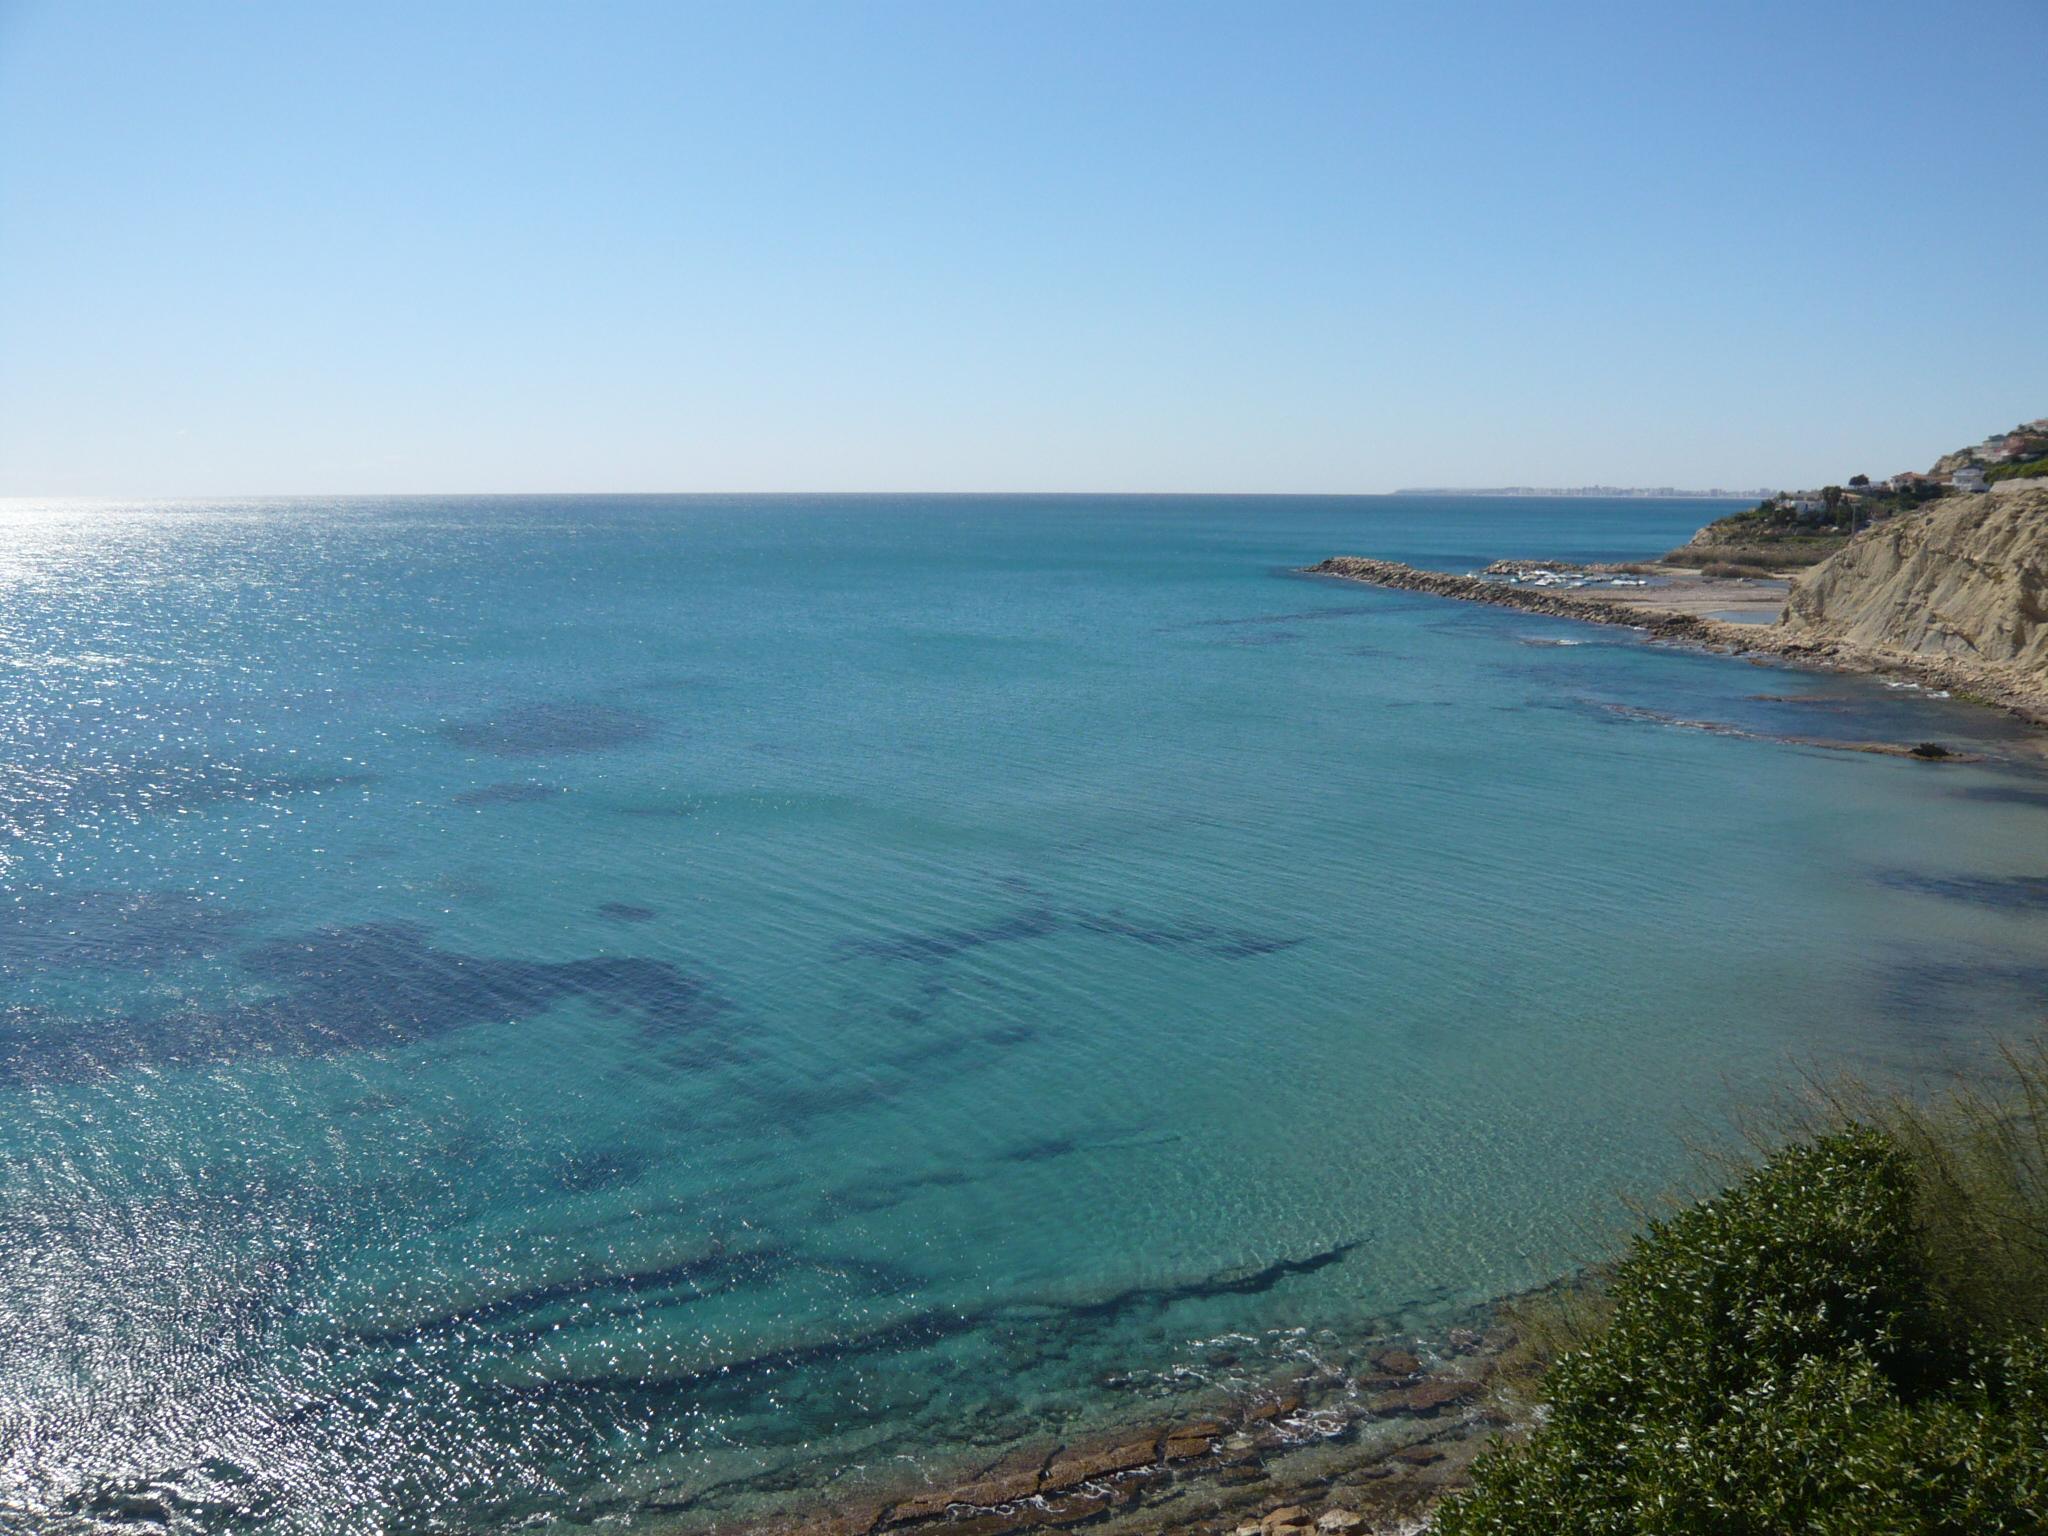 Foto playa La Almadraba. Cala Lanuza looking South West to Alicante